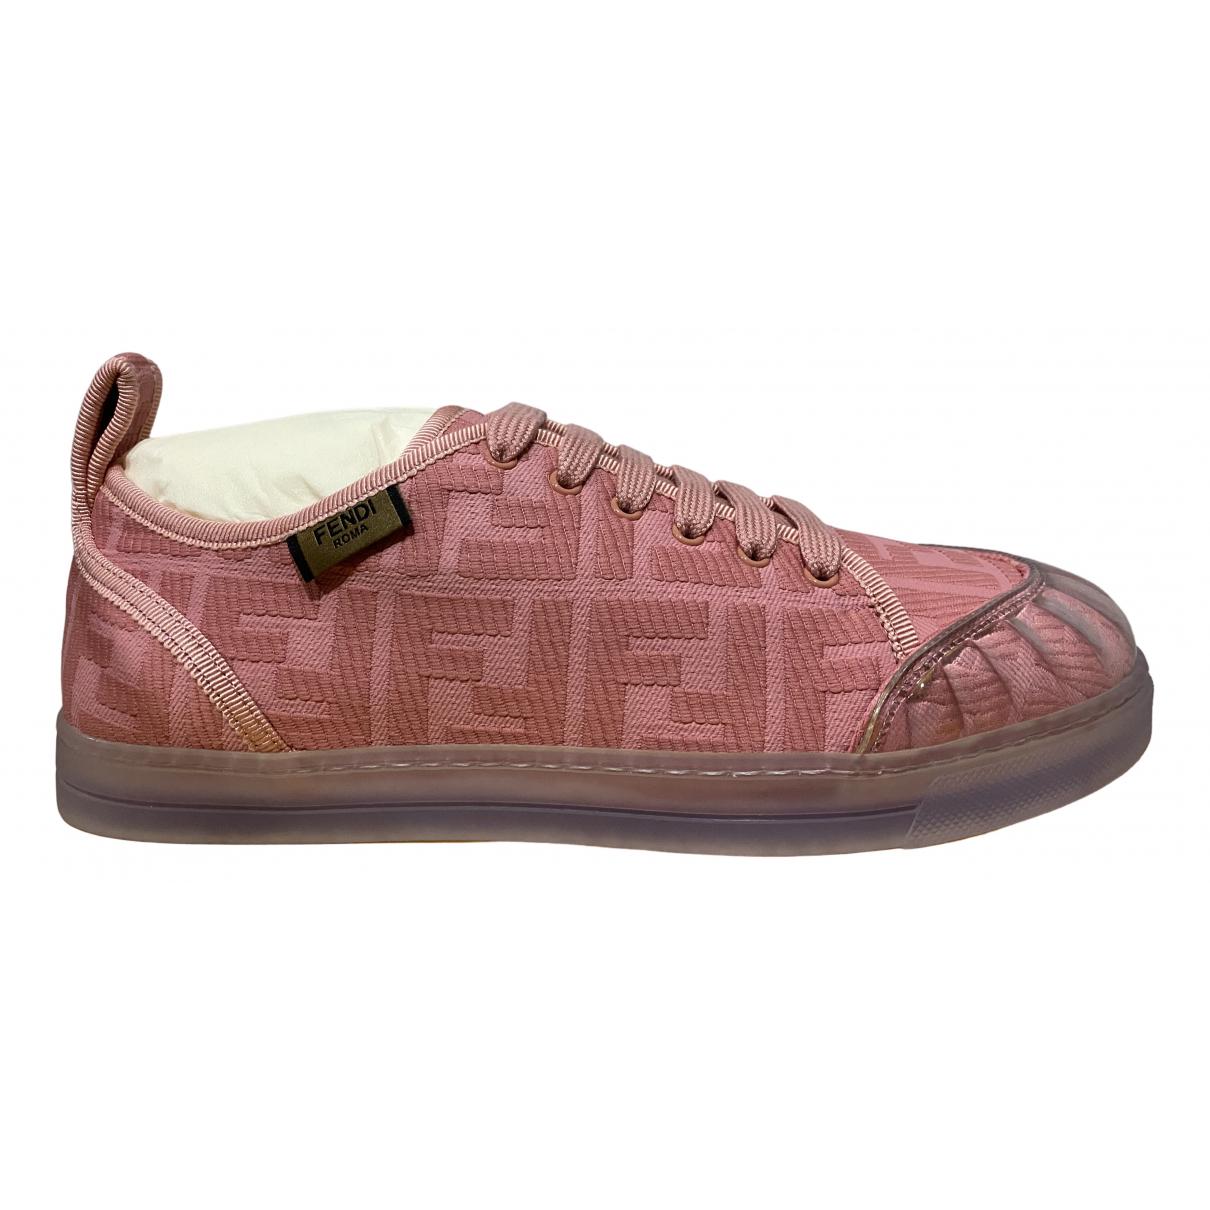 Fendi - Baskets   pour femme en toile - rose